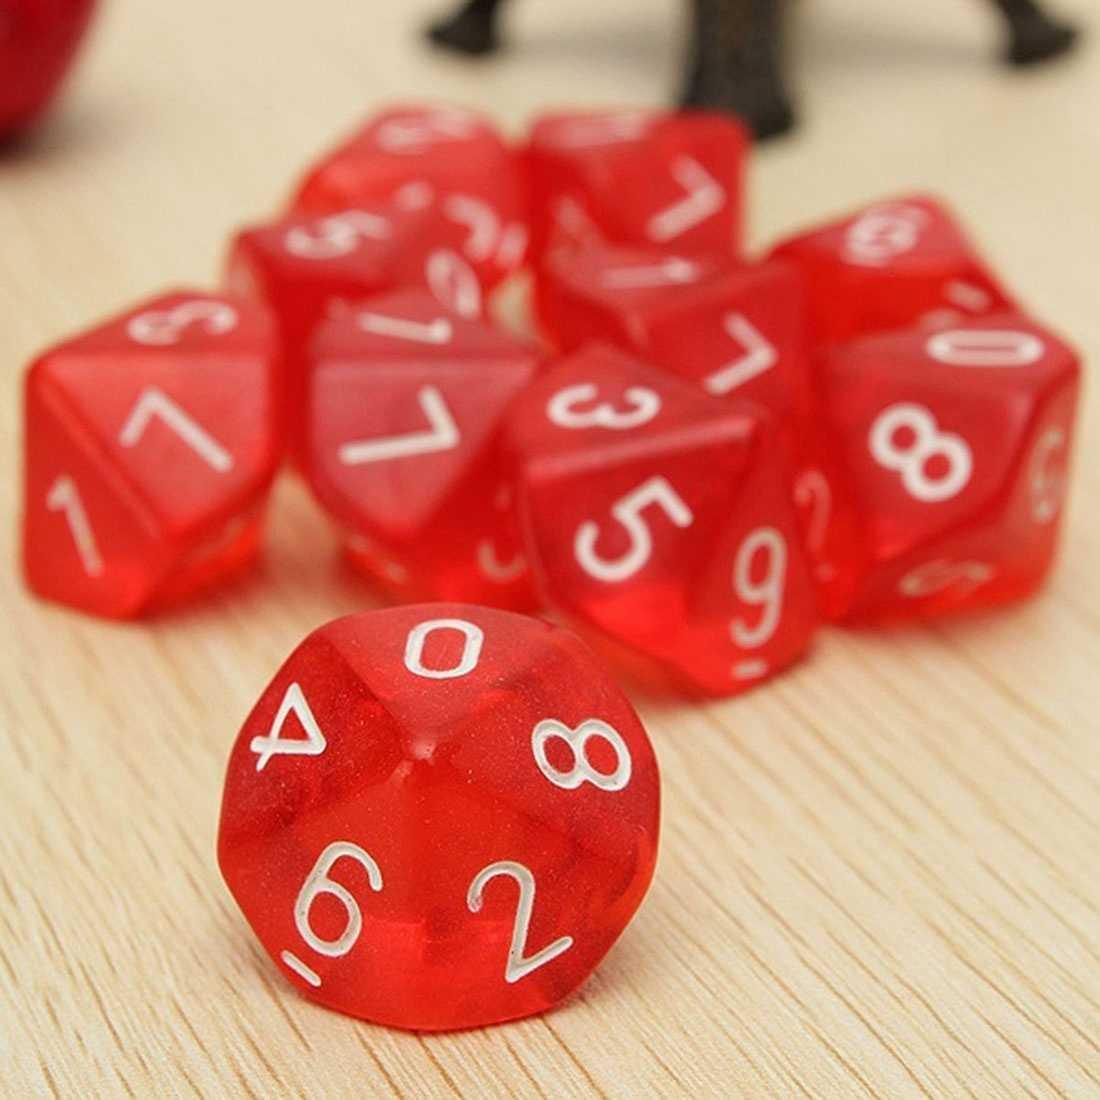 10-Taglia D10 Dieci Faccia Gemma Dice Die per Rpg Dungeons & Dragons Bordo di Giochi da Tavolo Trasparente